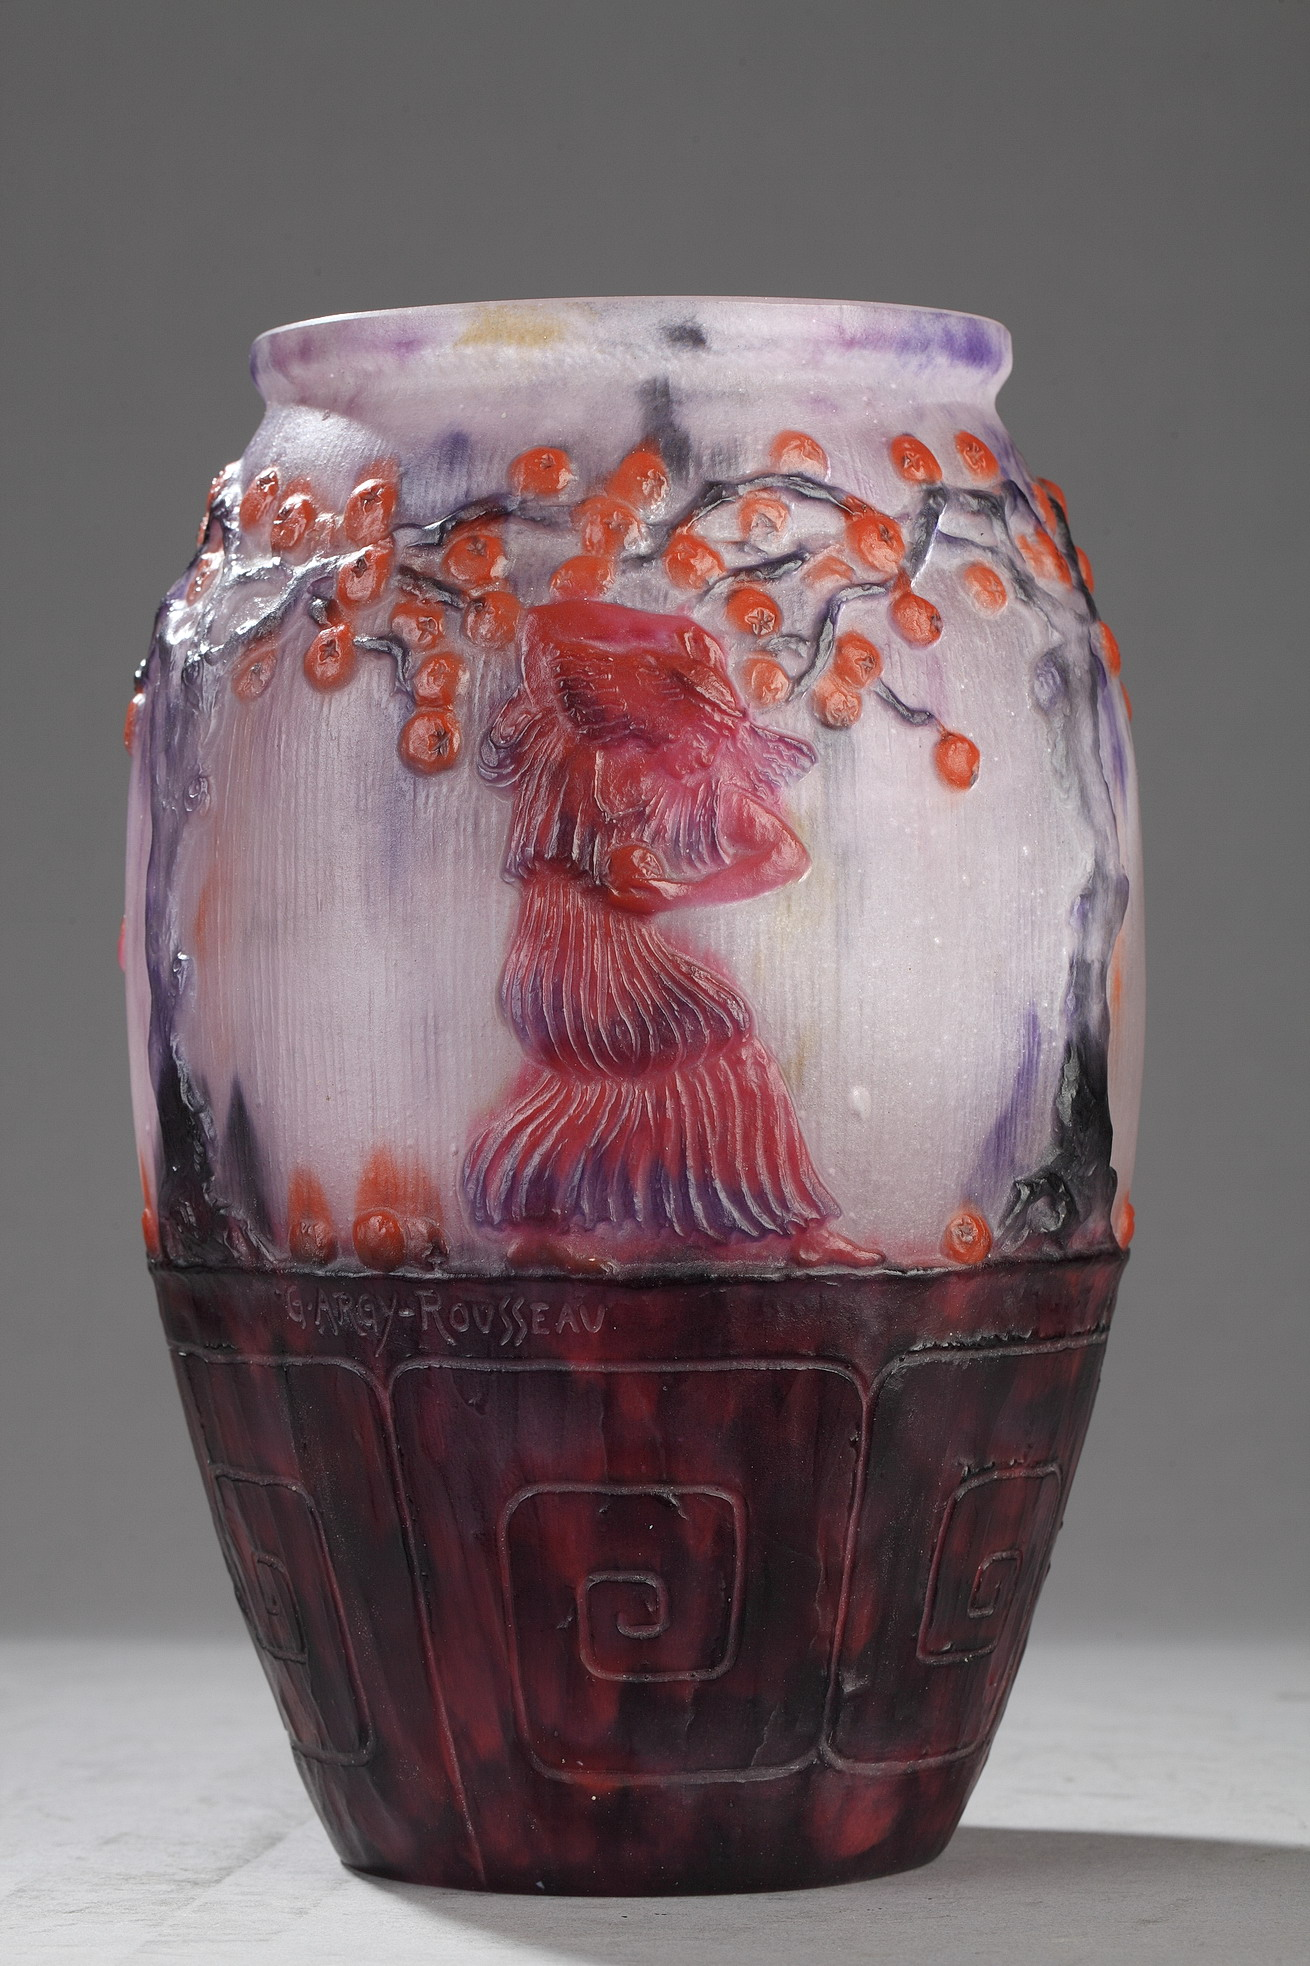 """Vase """"Jardin des Hespérides"""" de Gabriel Argy-Rousseau (1885-1953), pâte de verre, haut. 24,5 cm, pâtes de verre - galerie Tourbillon, Paris"""